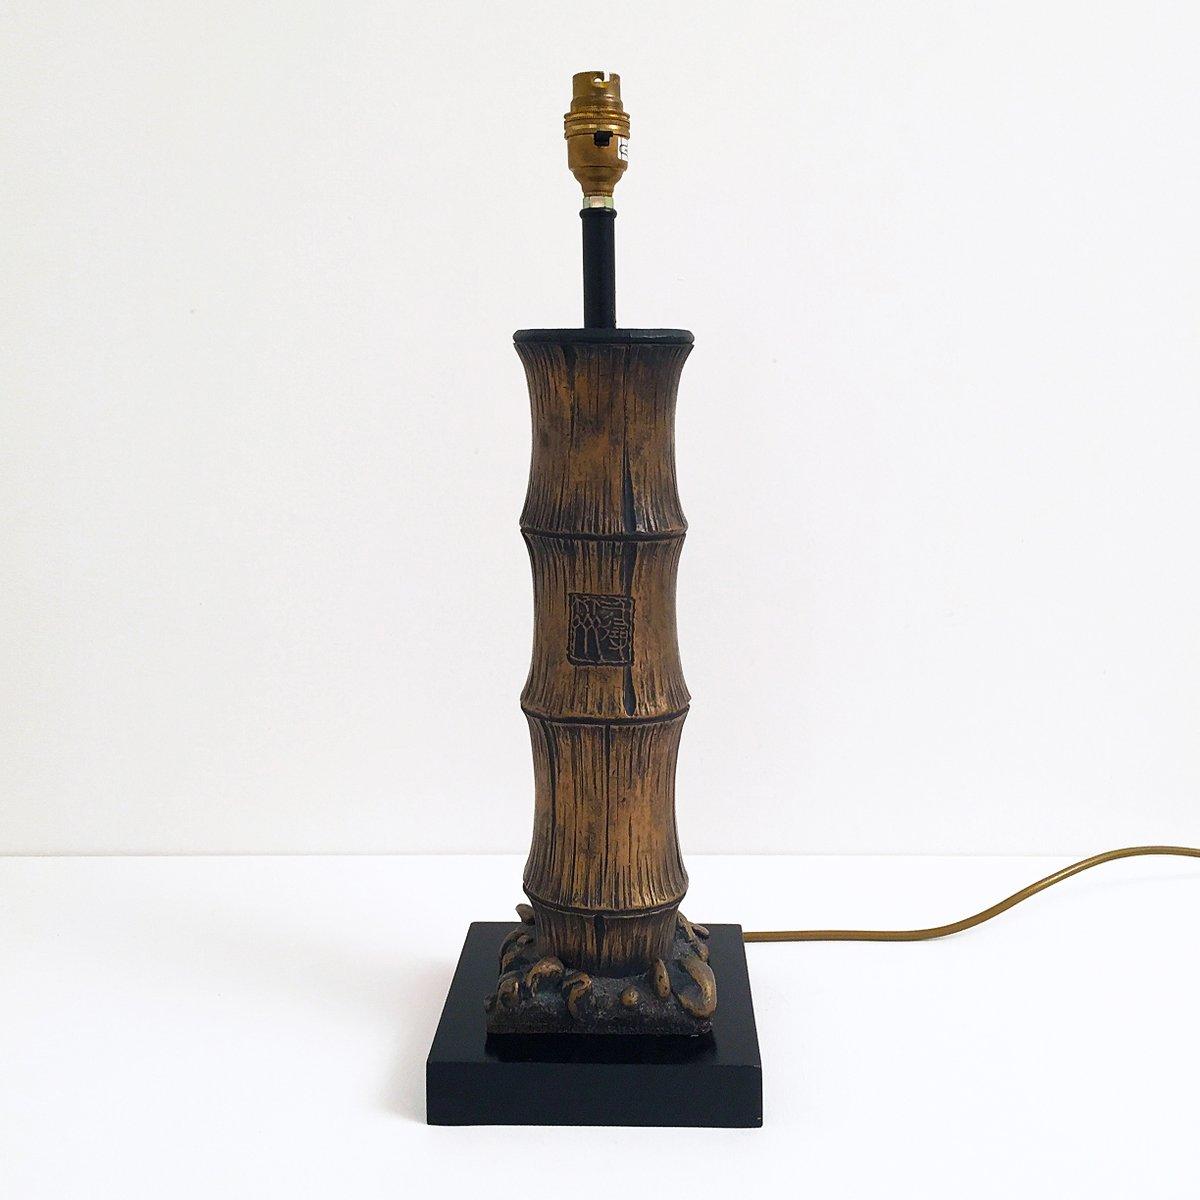 tischlampe aus geschnitztem holz in bambus optik 1970er bei pamono kaufen. Black Bedroom Furniture Sets. Home Design Ideas